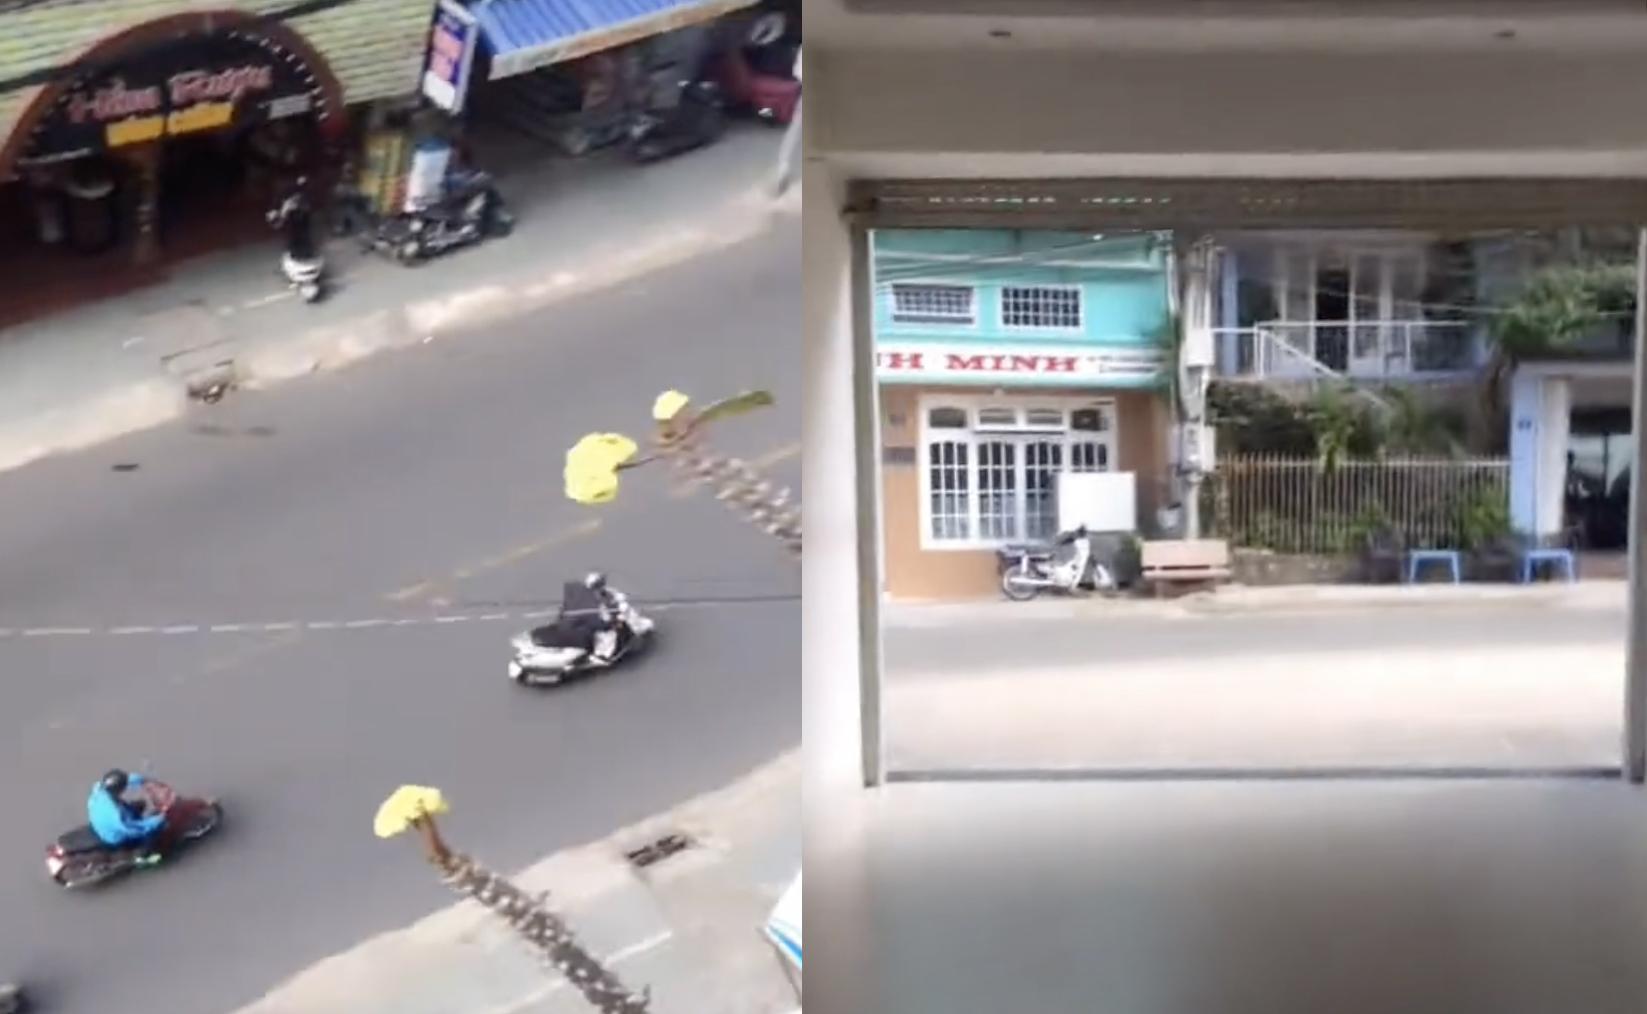 2 tầm nhìn của khách sạn khi đứng trên cùng một tầng. Ảnh: @phuongthuy.14/TikTok